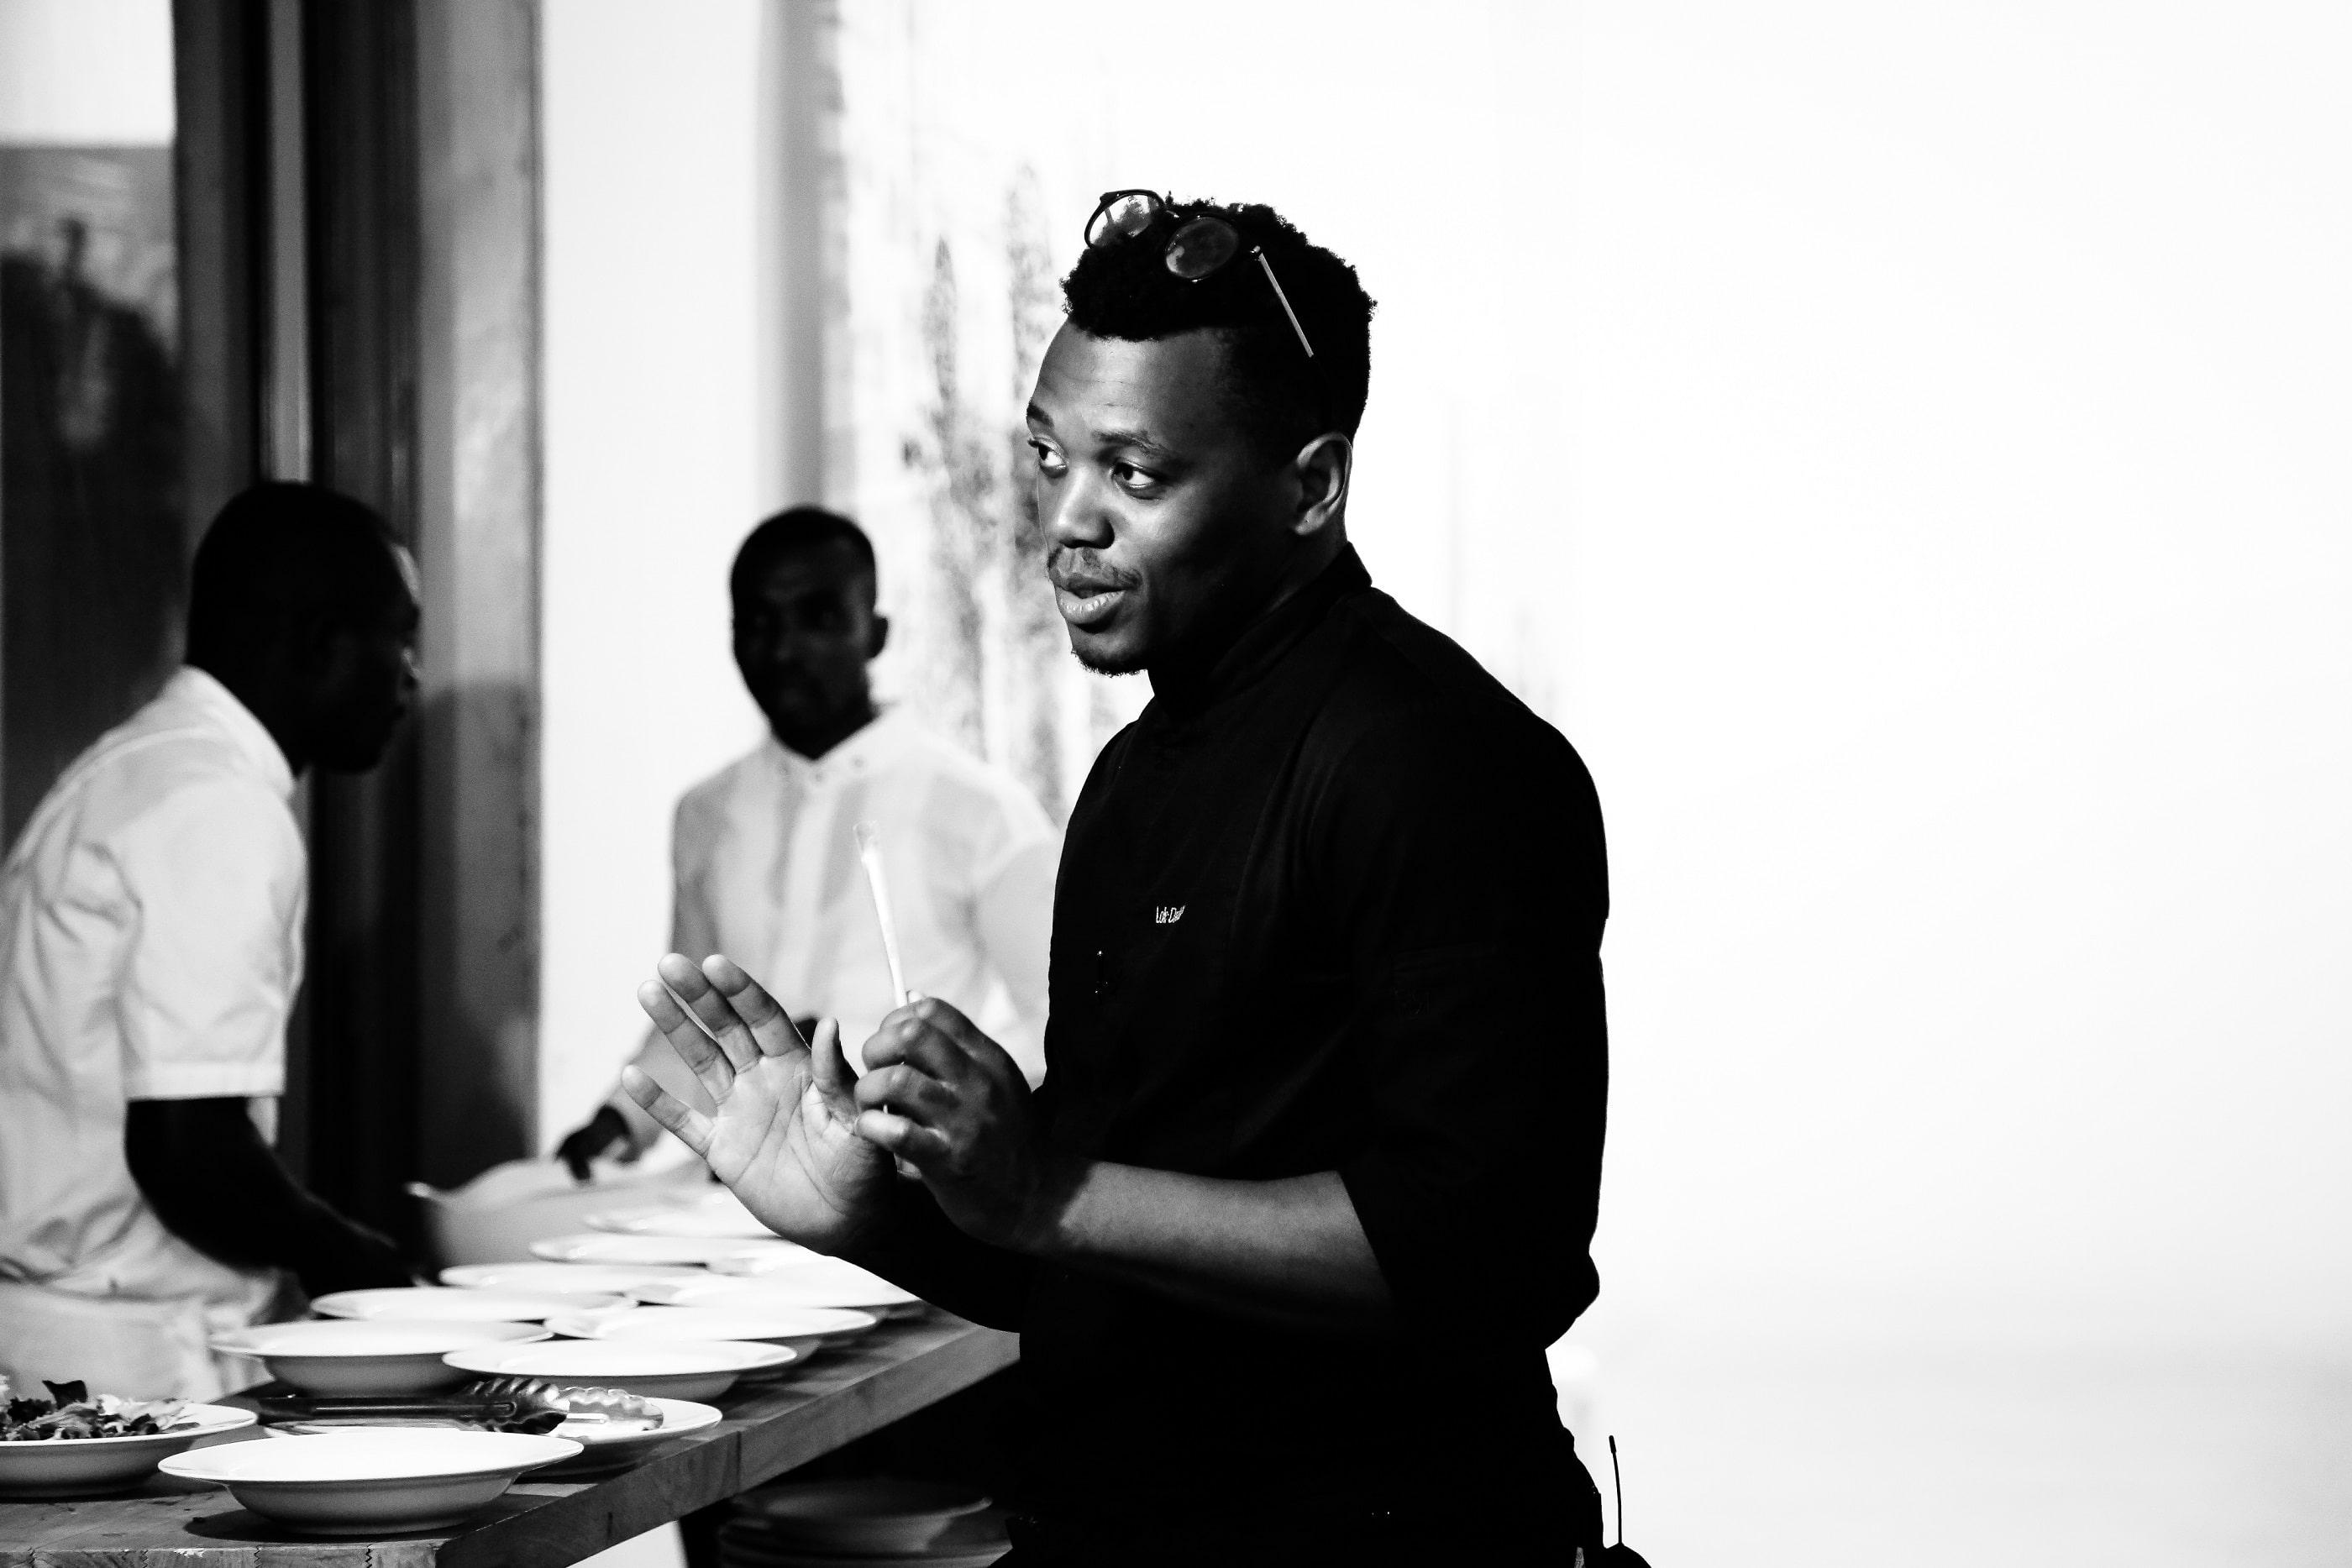 L'African Food Art Tour en Côte d'Ivoire | Chef Loïc Dablé - Partenariats - African Food Art Tour